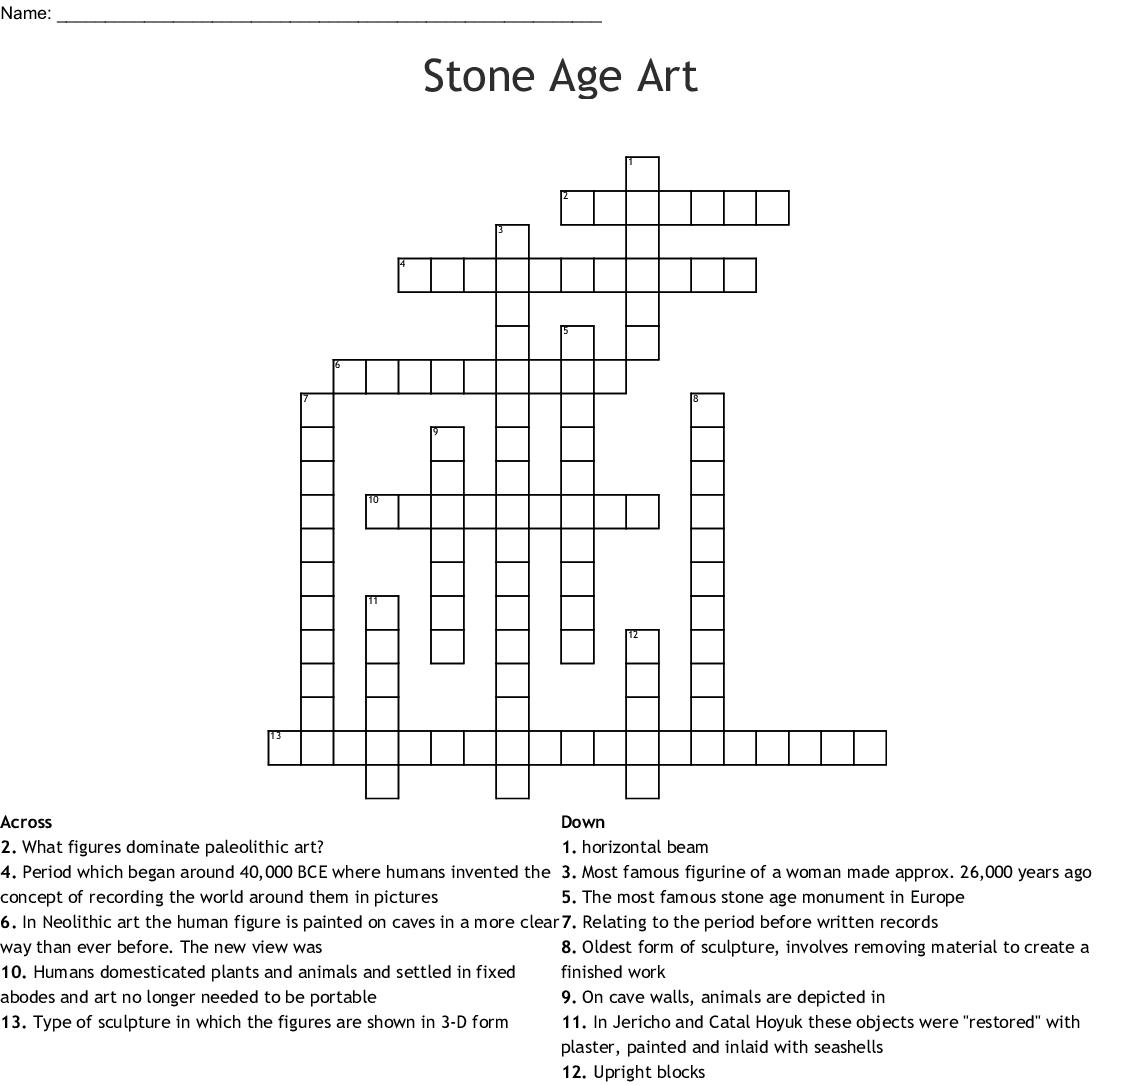 Stone Age Art Crossword